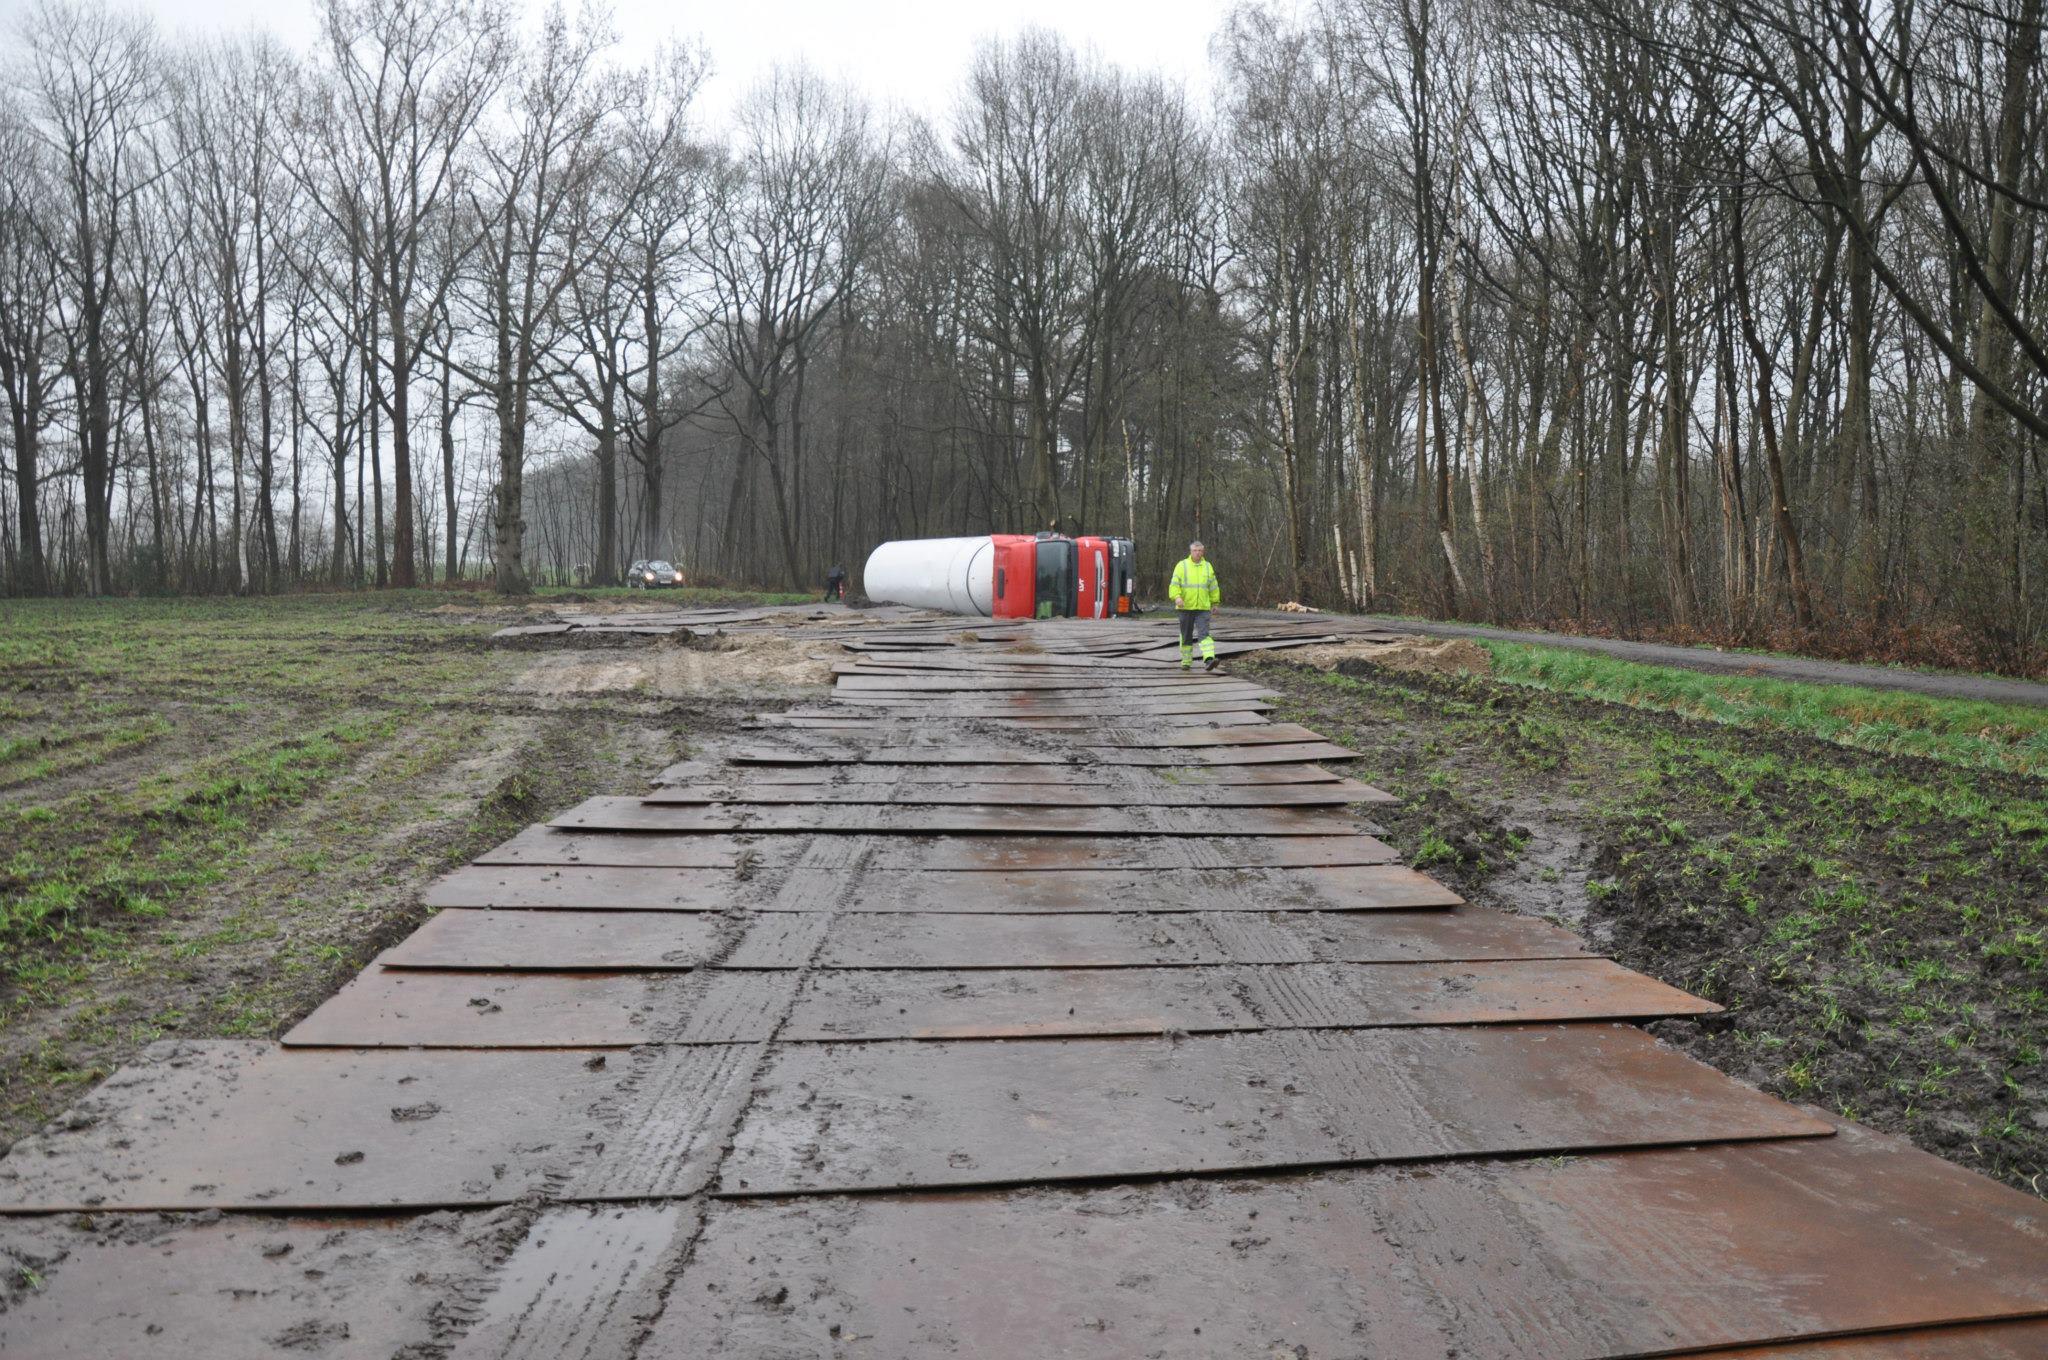 17-4-2013-wagen-met-progaangas-midden-in-het-veld-gekanteld-Wuustwezel-(6)